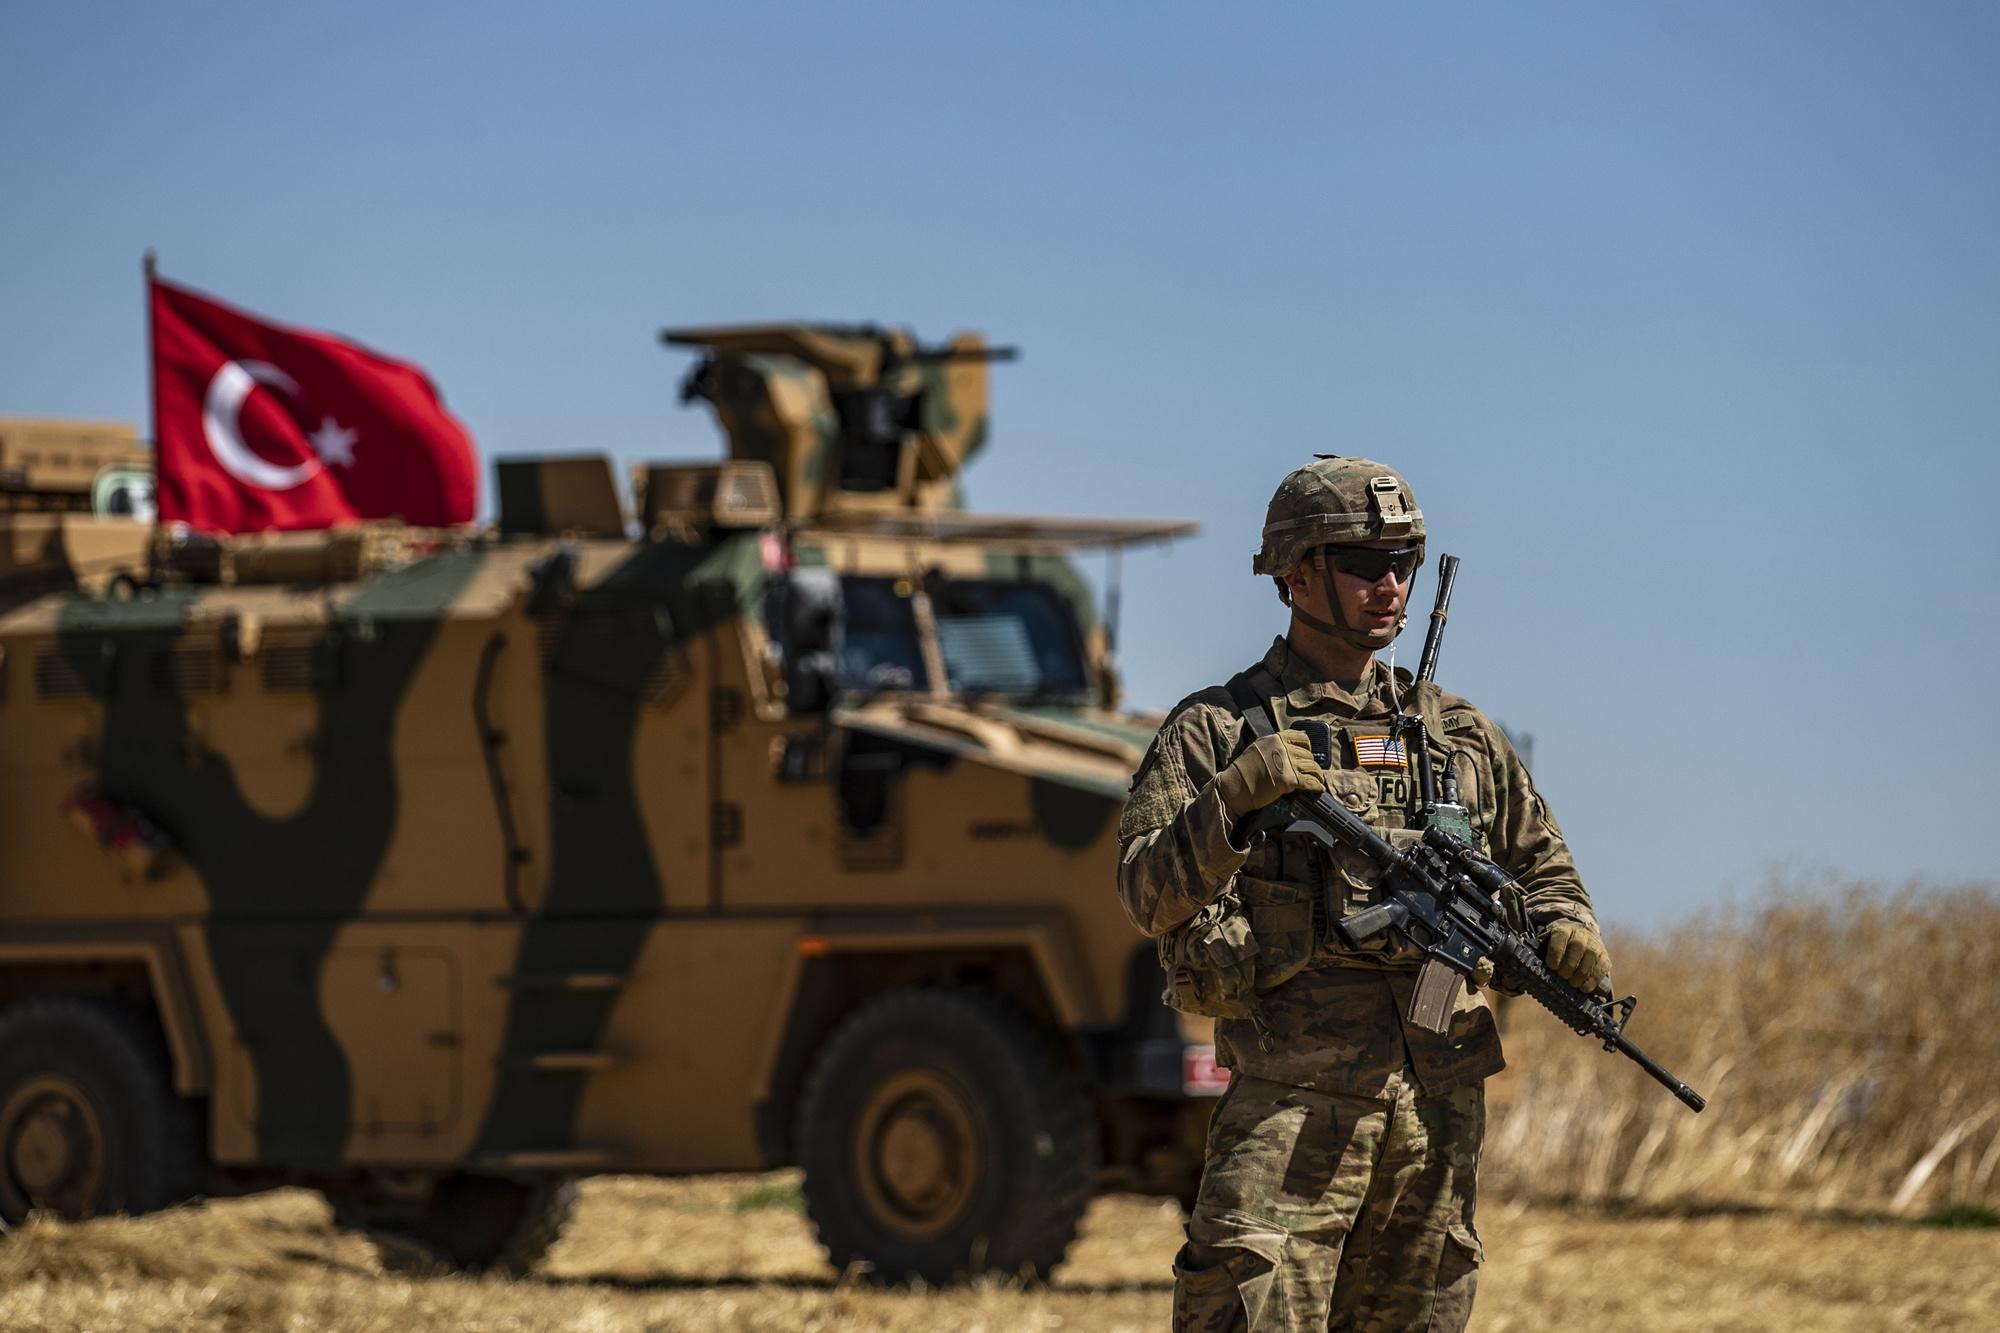 Een Amerikaanse soldaat patrouilleert samen met Turkse troepen in Tal Abyad, 8 september 2019., Belga Image